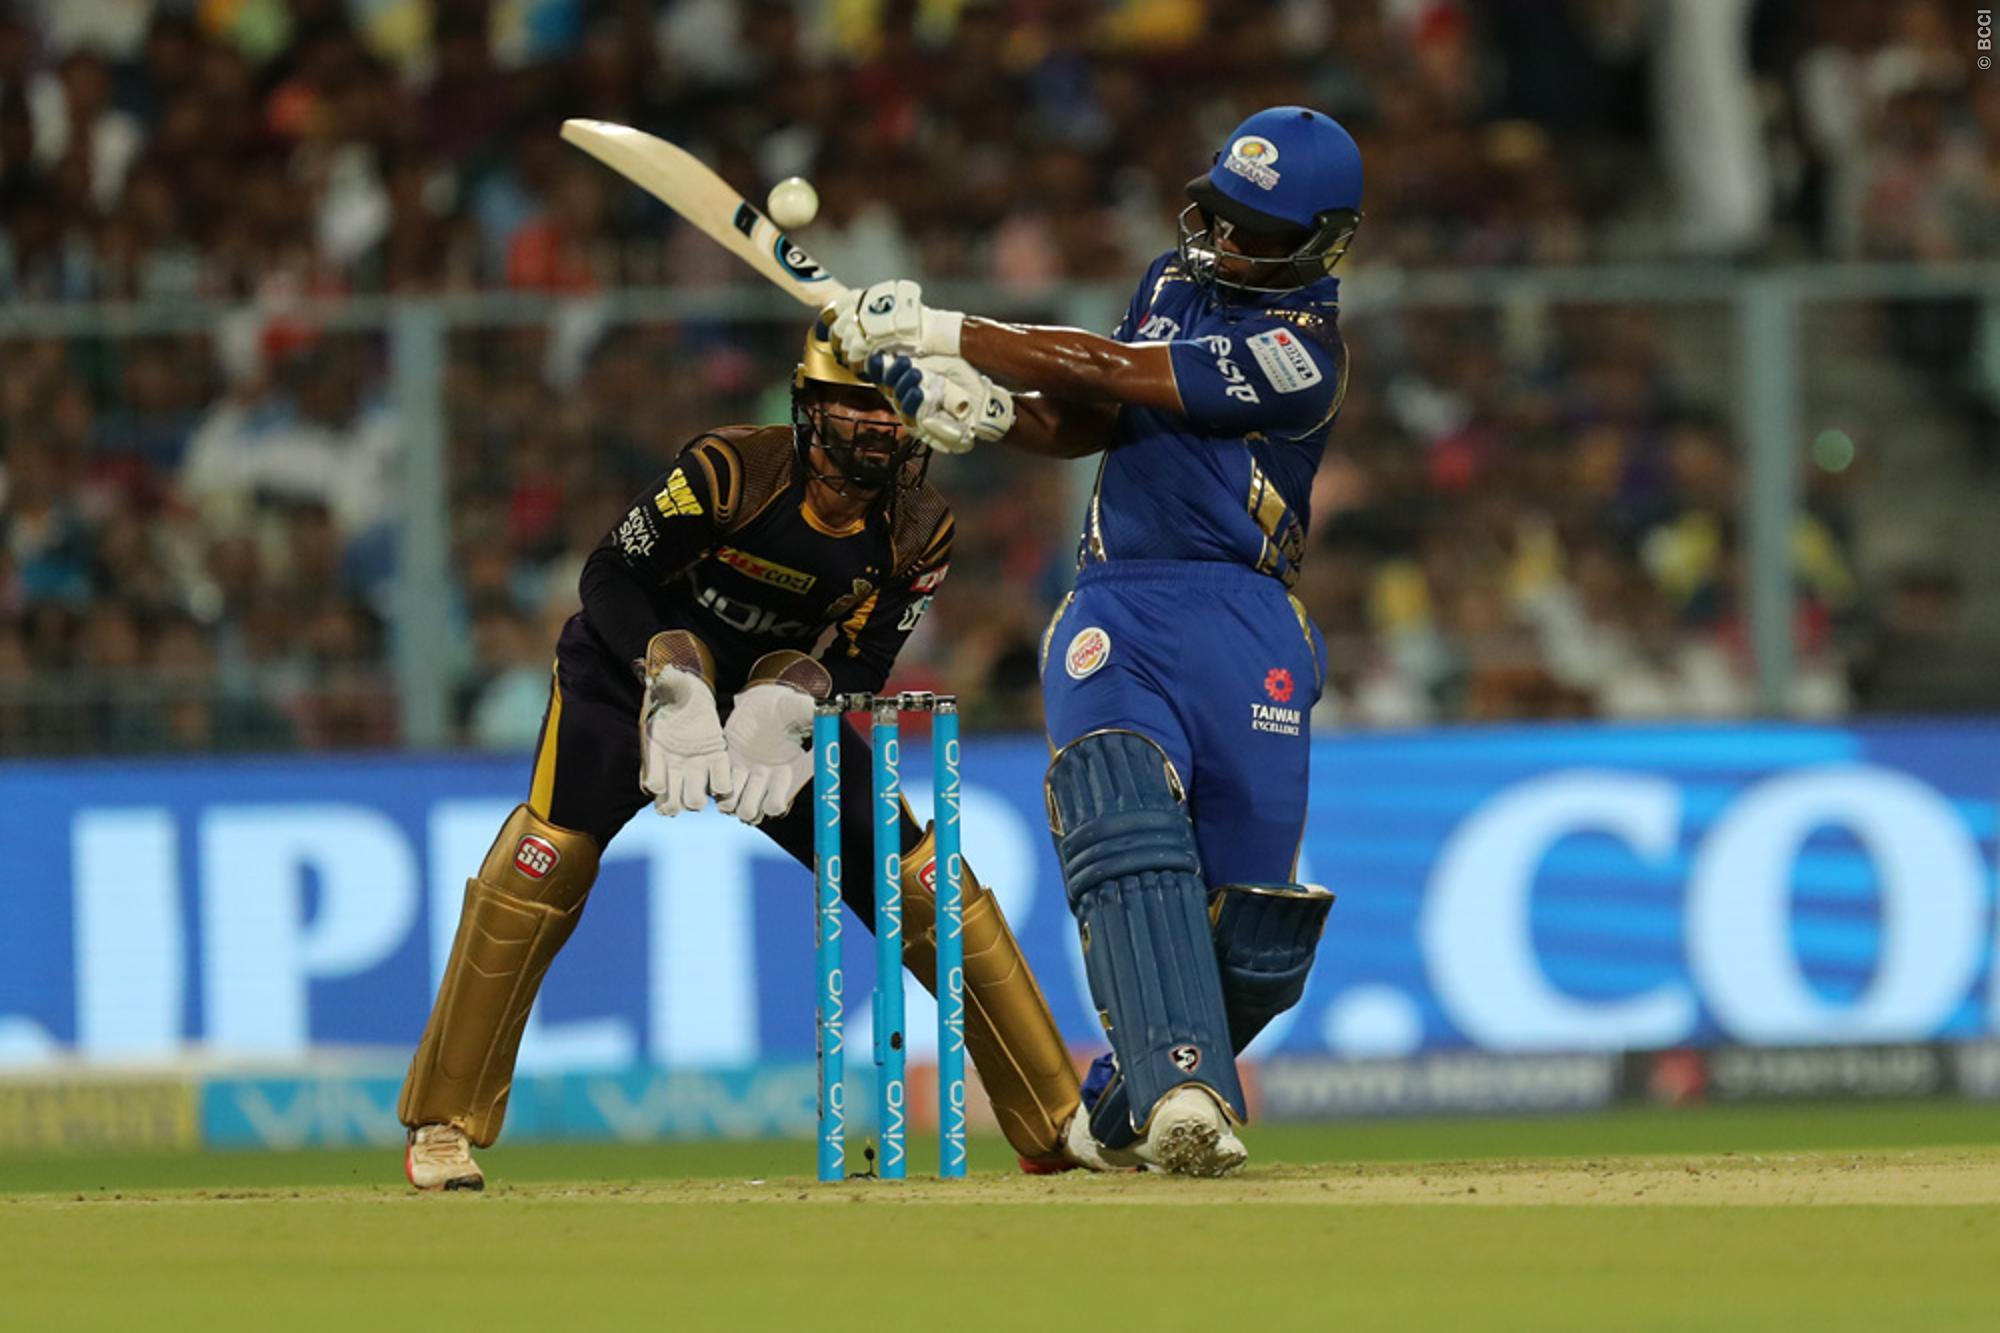 'मैन ऑफ द मैच' ईशान किशन ने अपनी तूफानी पारी का श्रेय इस दिग्गज खिलाड़ी को दिया